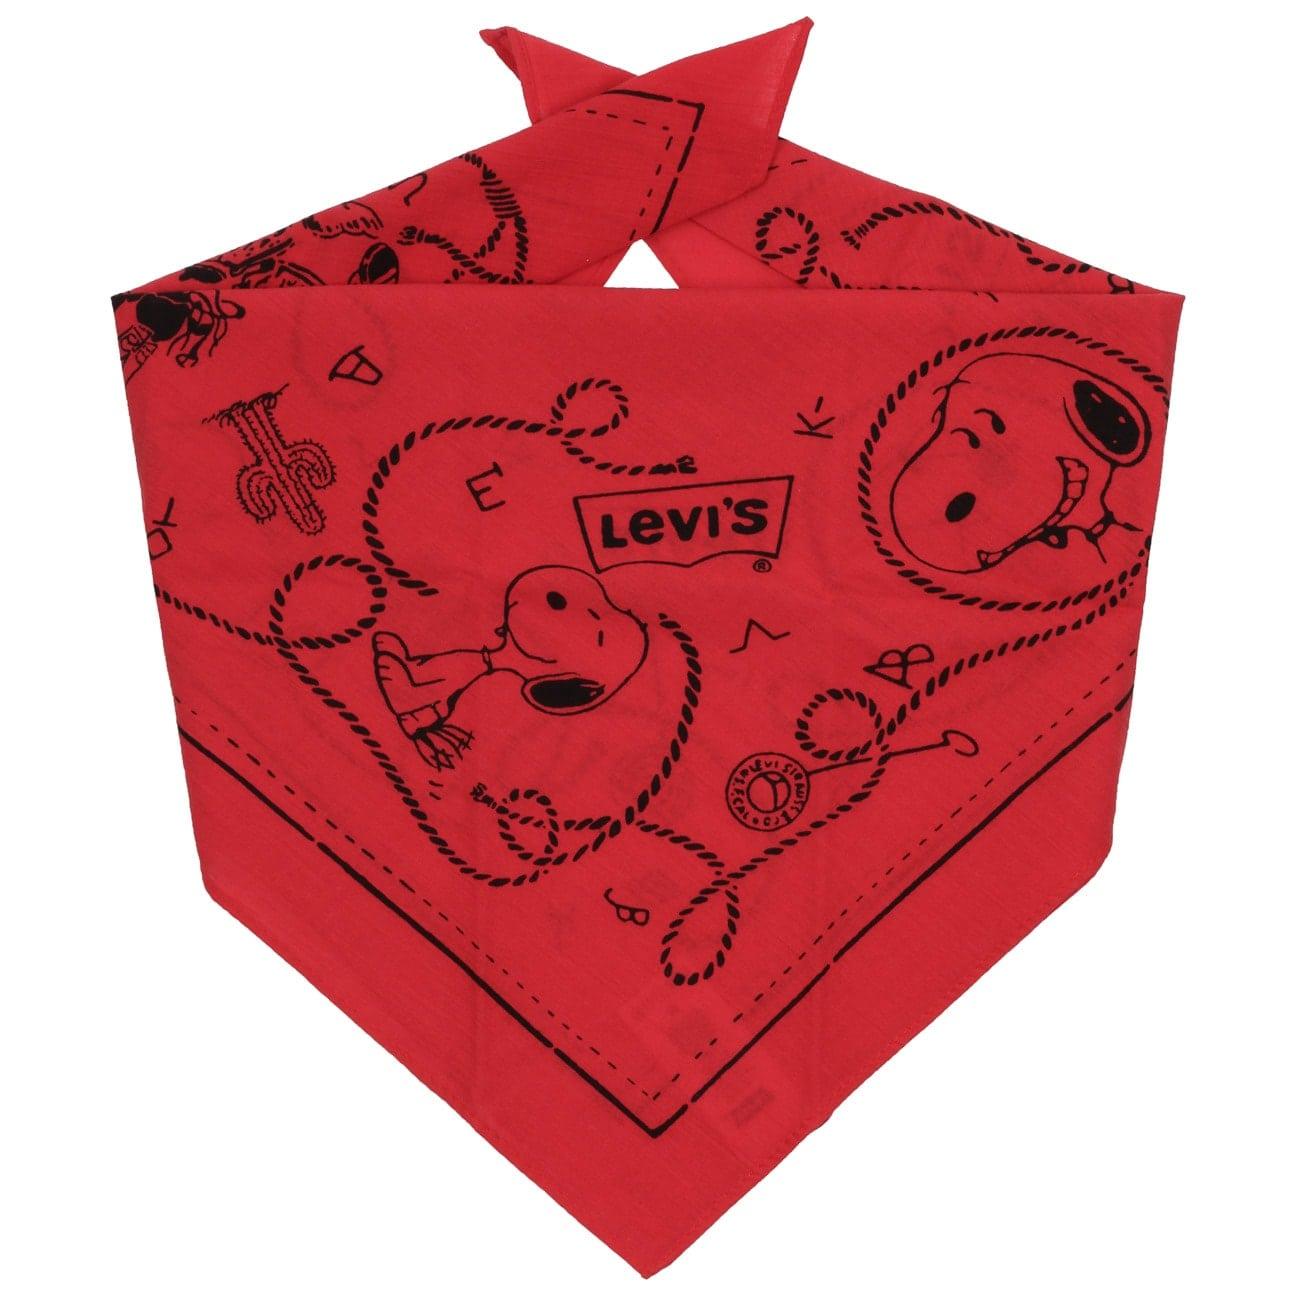 Bandana Snoopy by Levis  pa?uelo de algod?n